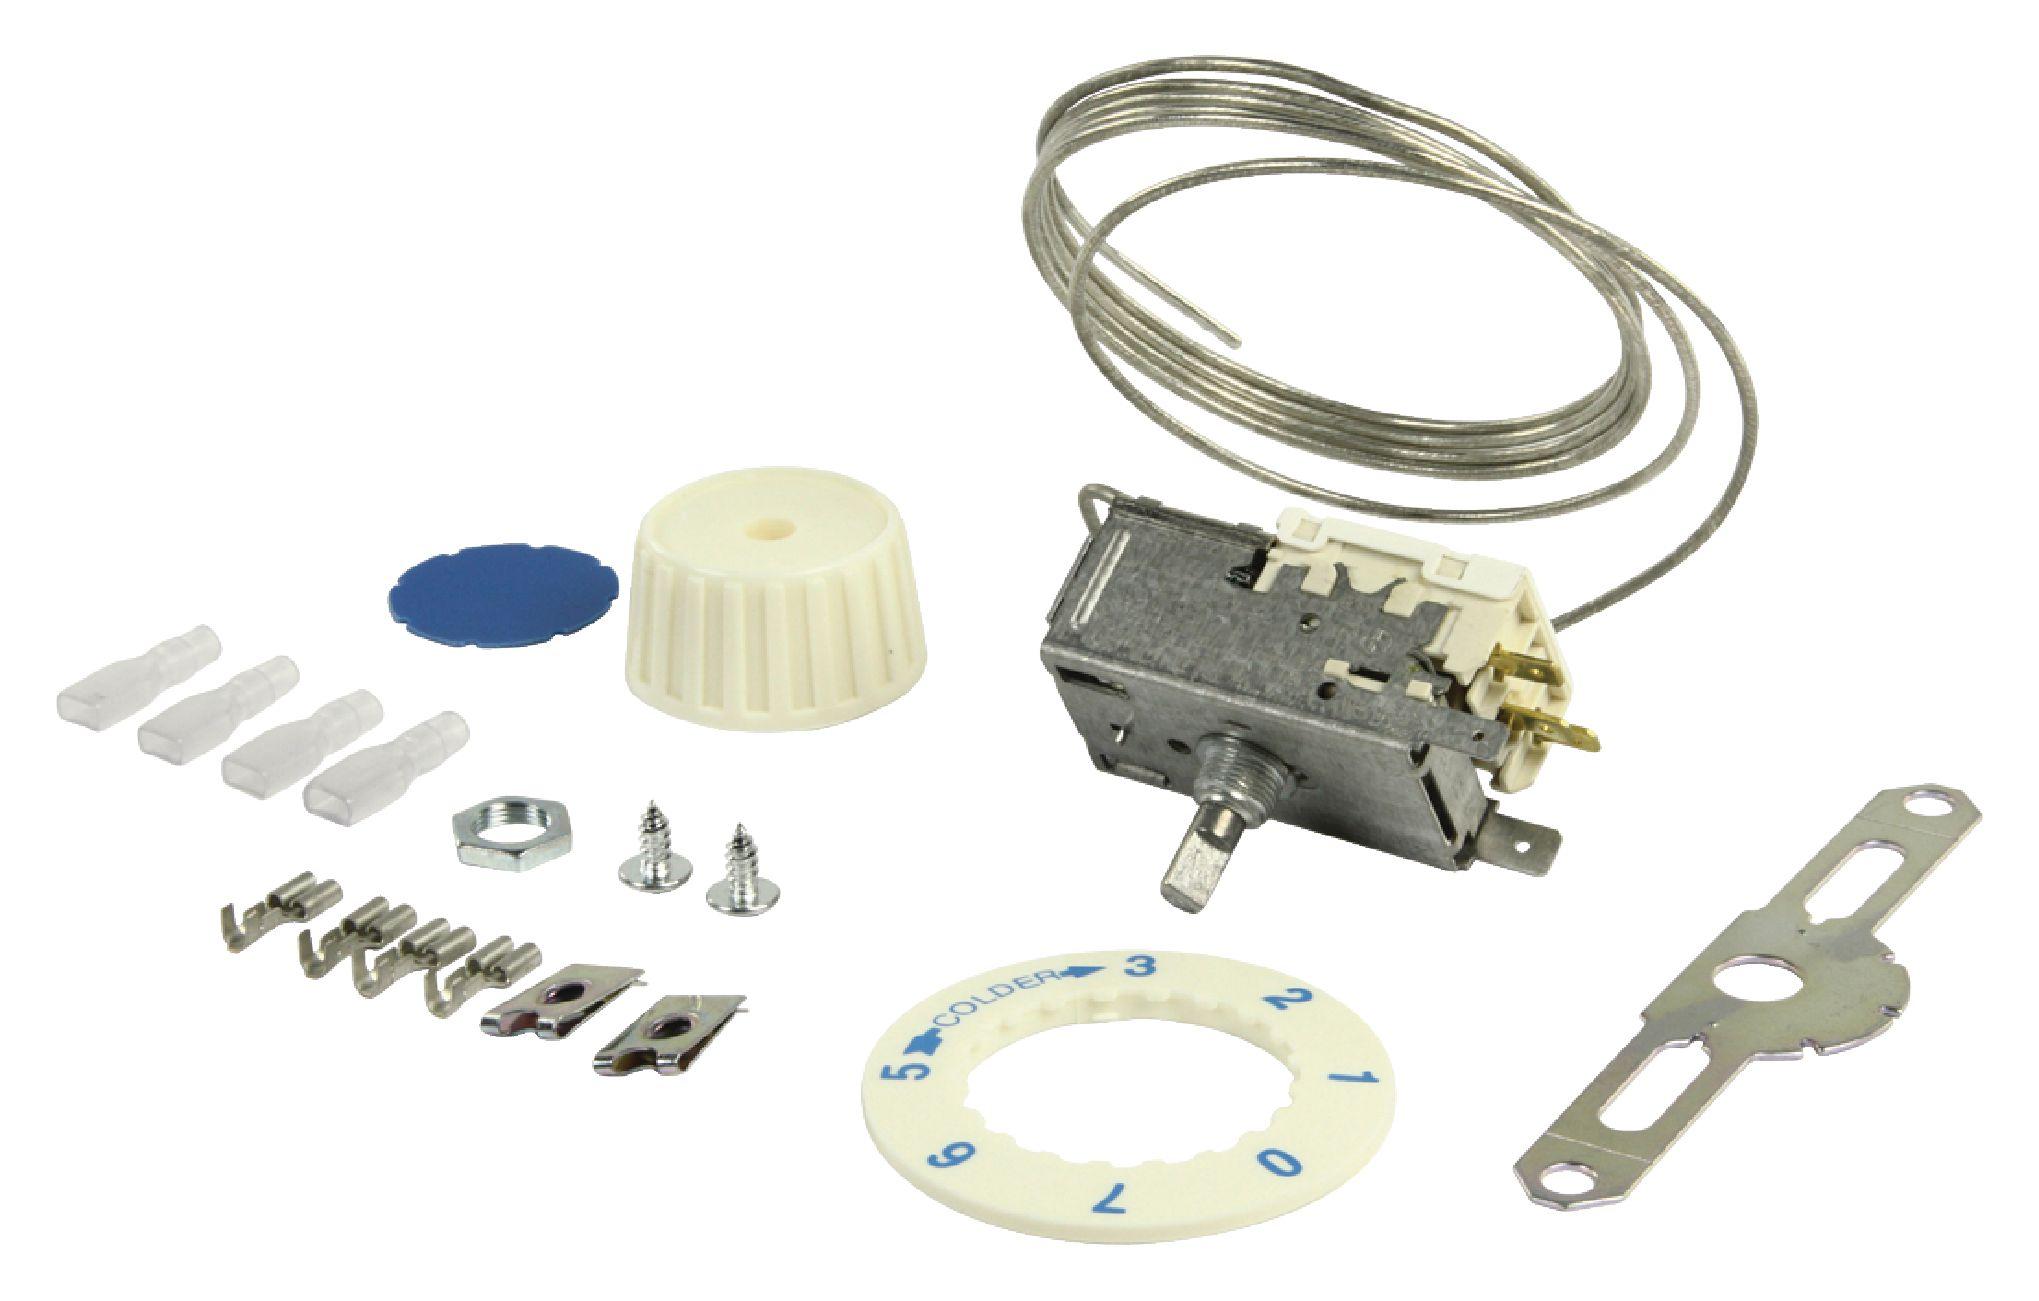 Termostat pro lednice, Ranco VI 112, Typ K59-H2805 / A59-1019B